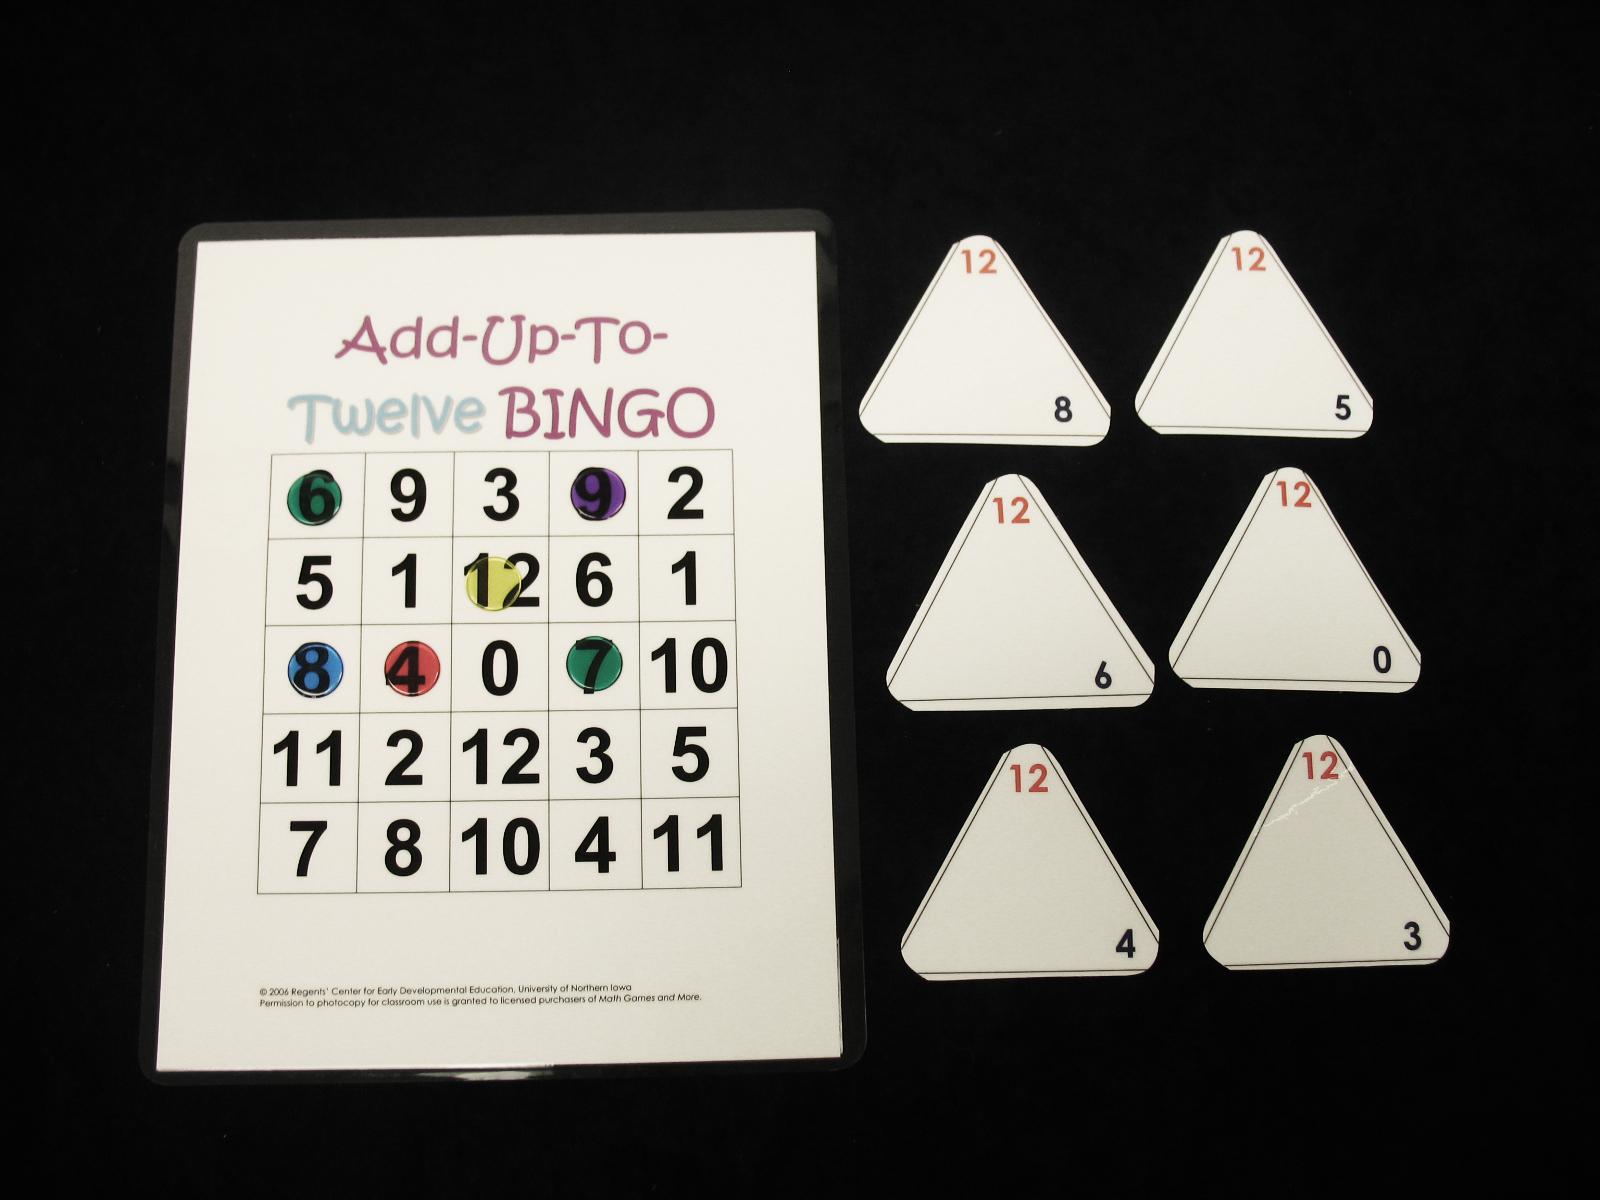 Add Up to 12 Bingo